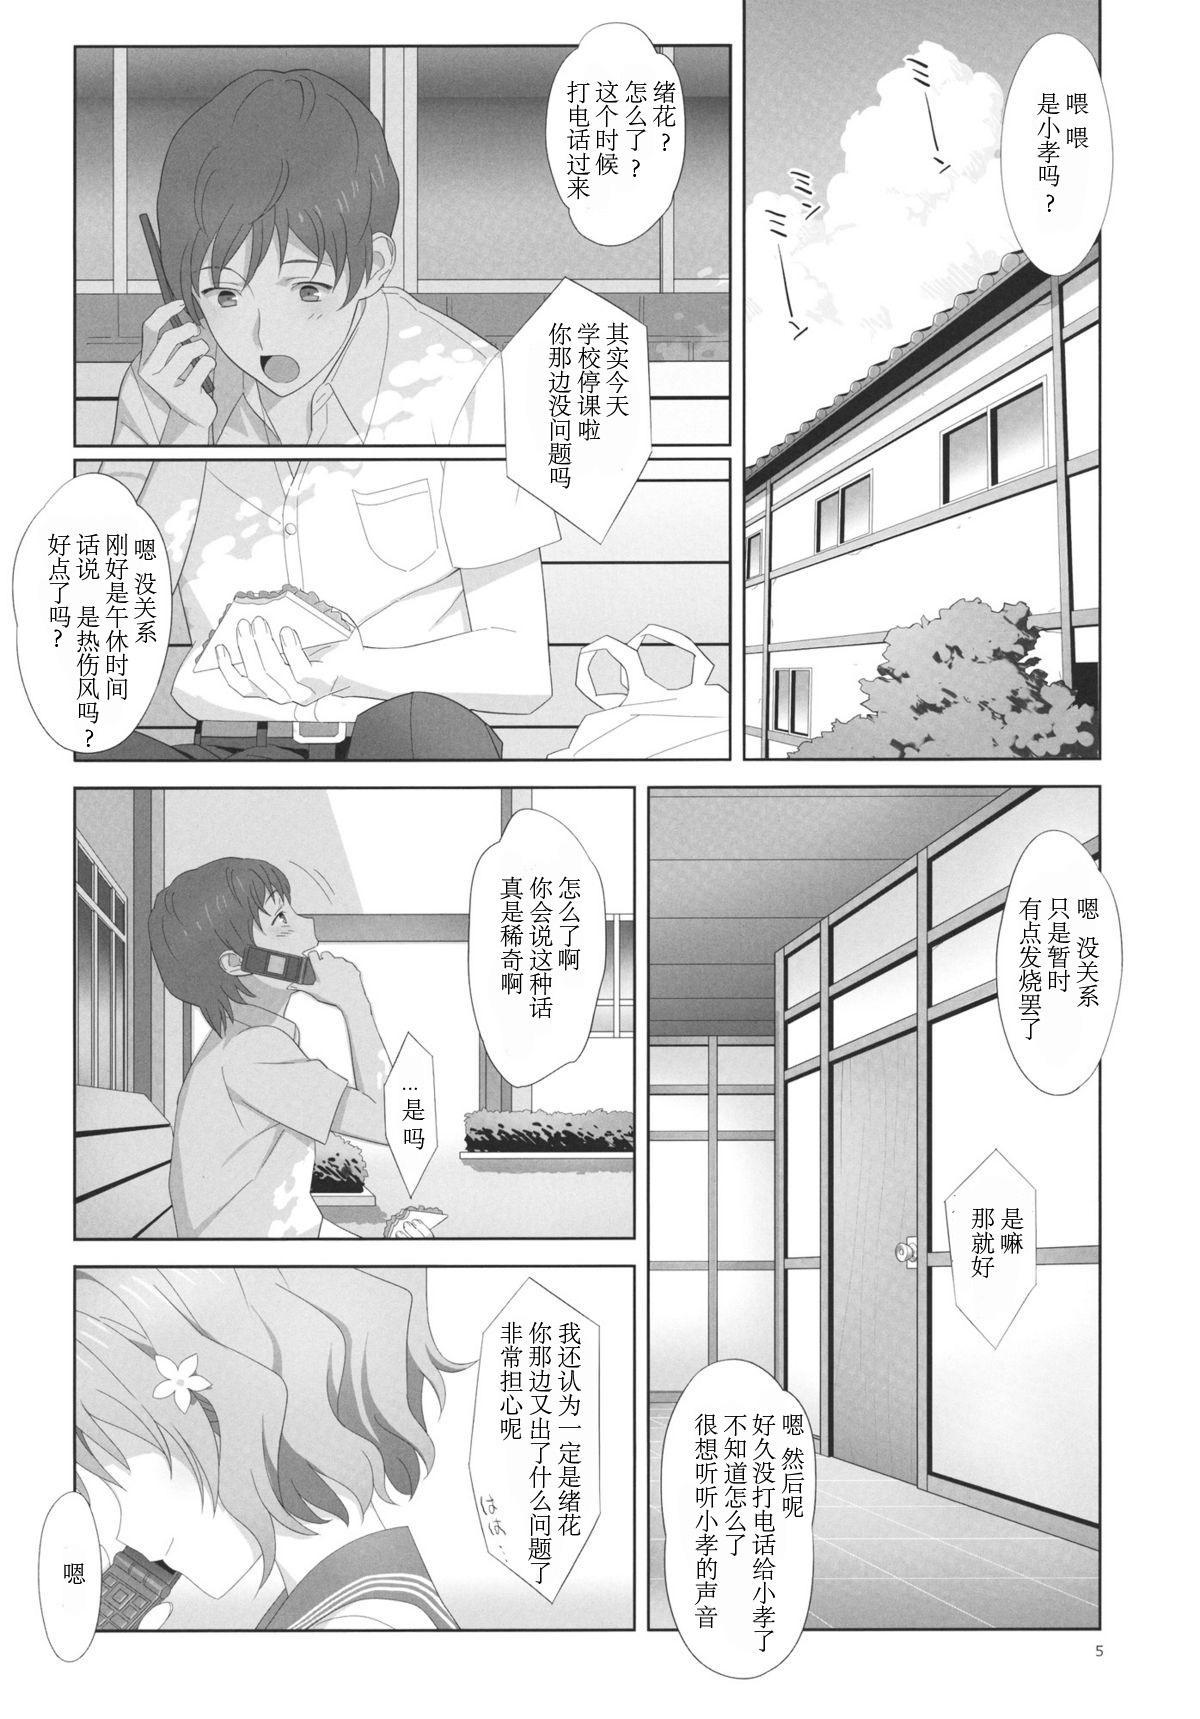 Natsu, Ryokan, Shakkintori. 3